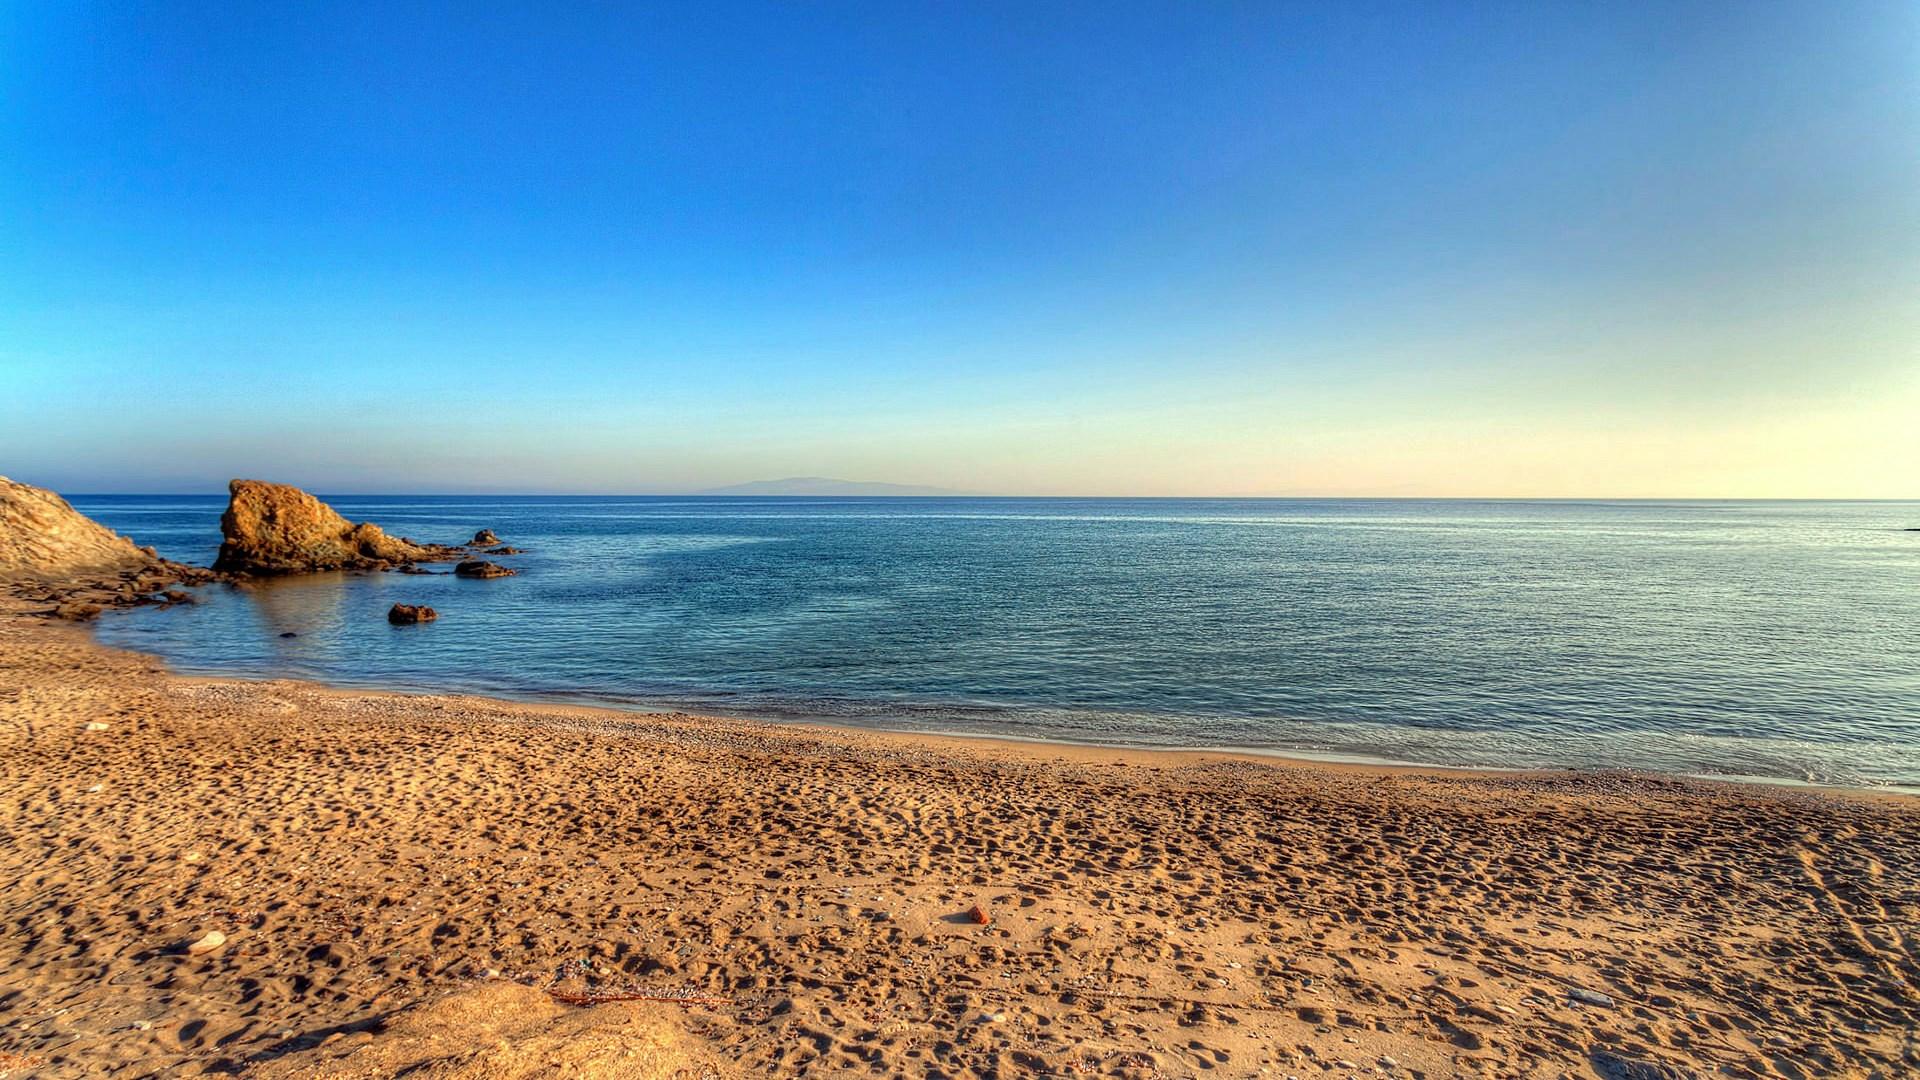 Lolantonis Beach, Paros | 26 Feb 2017 | Alargo